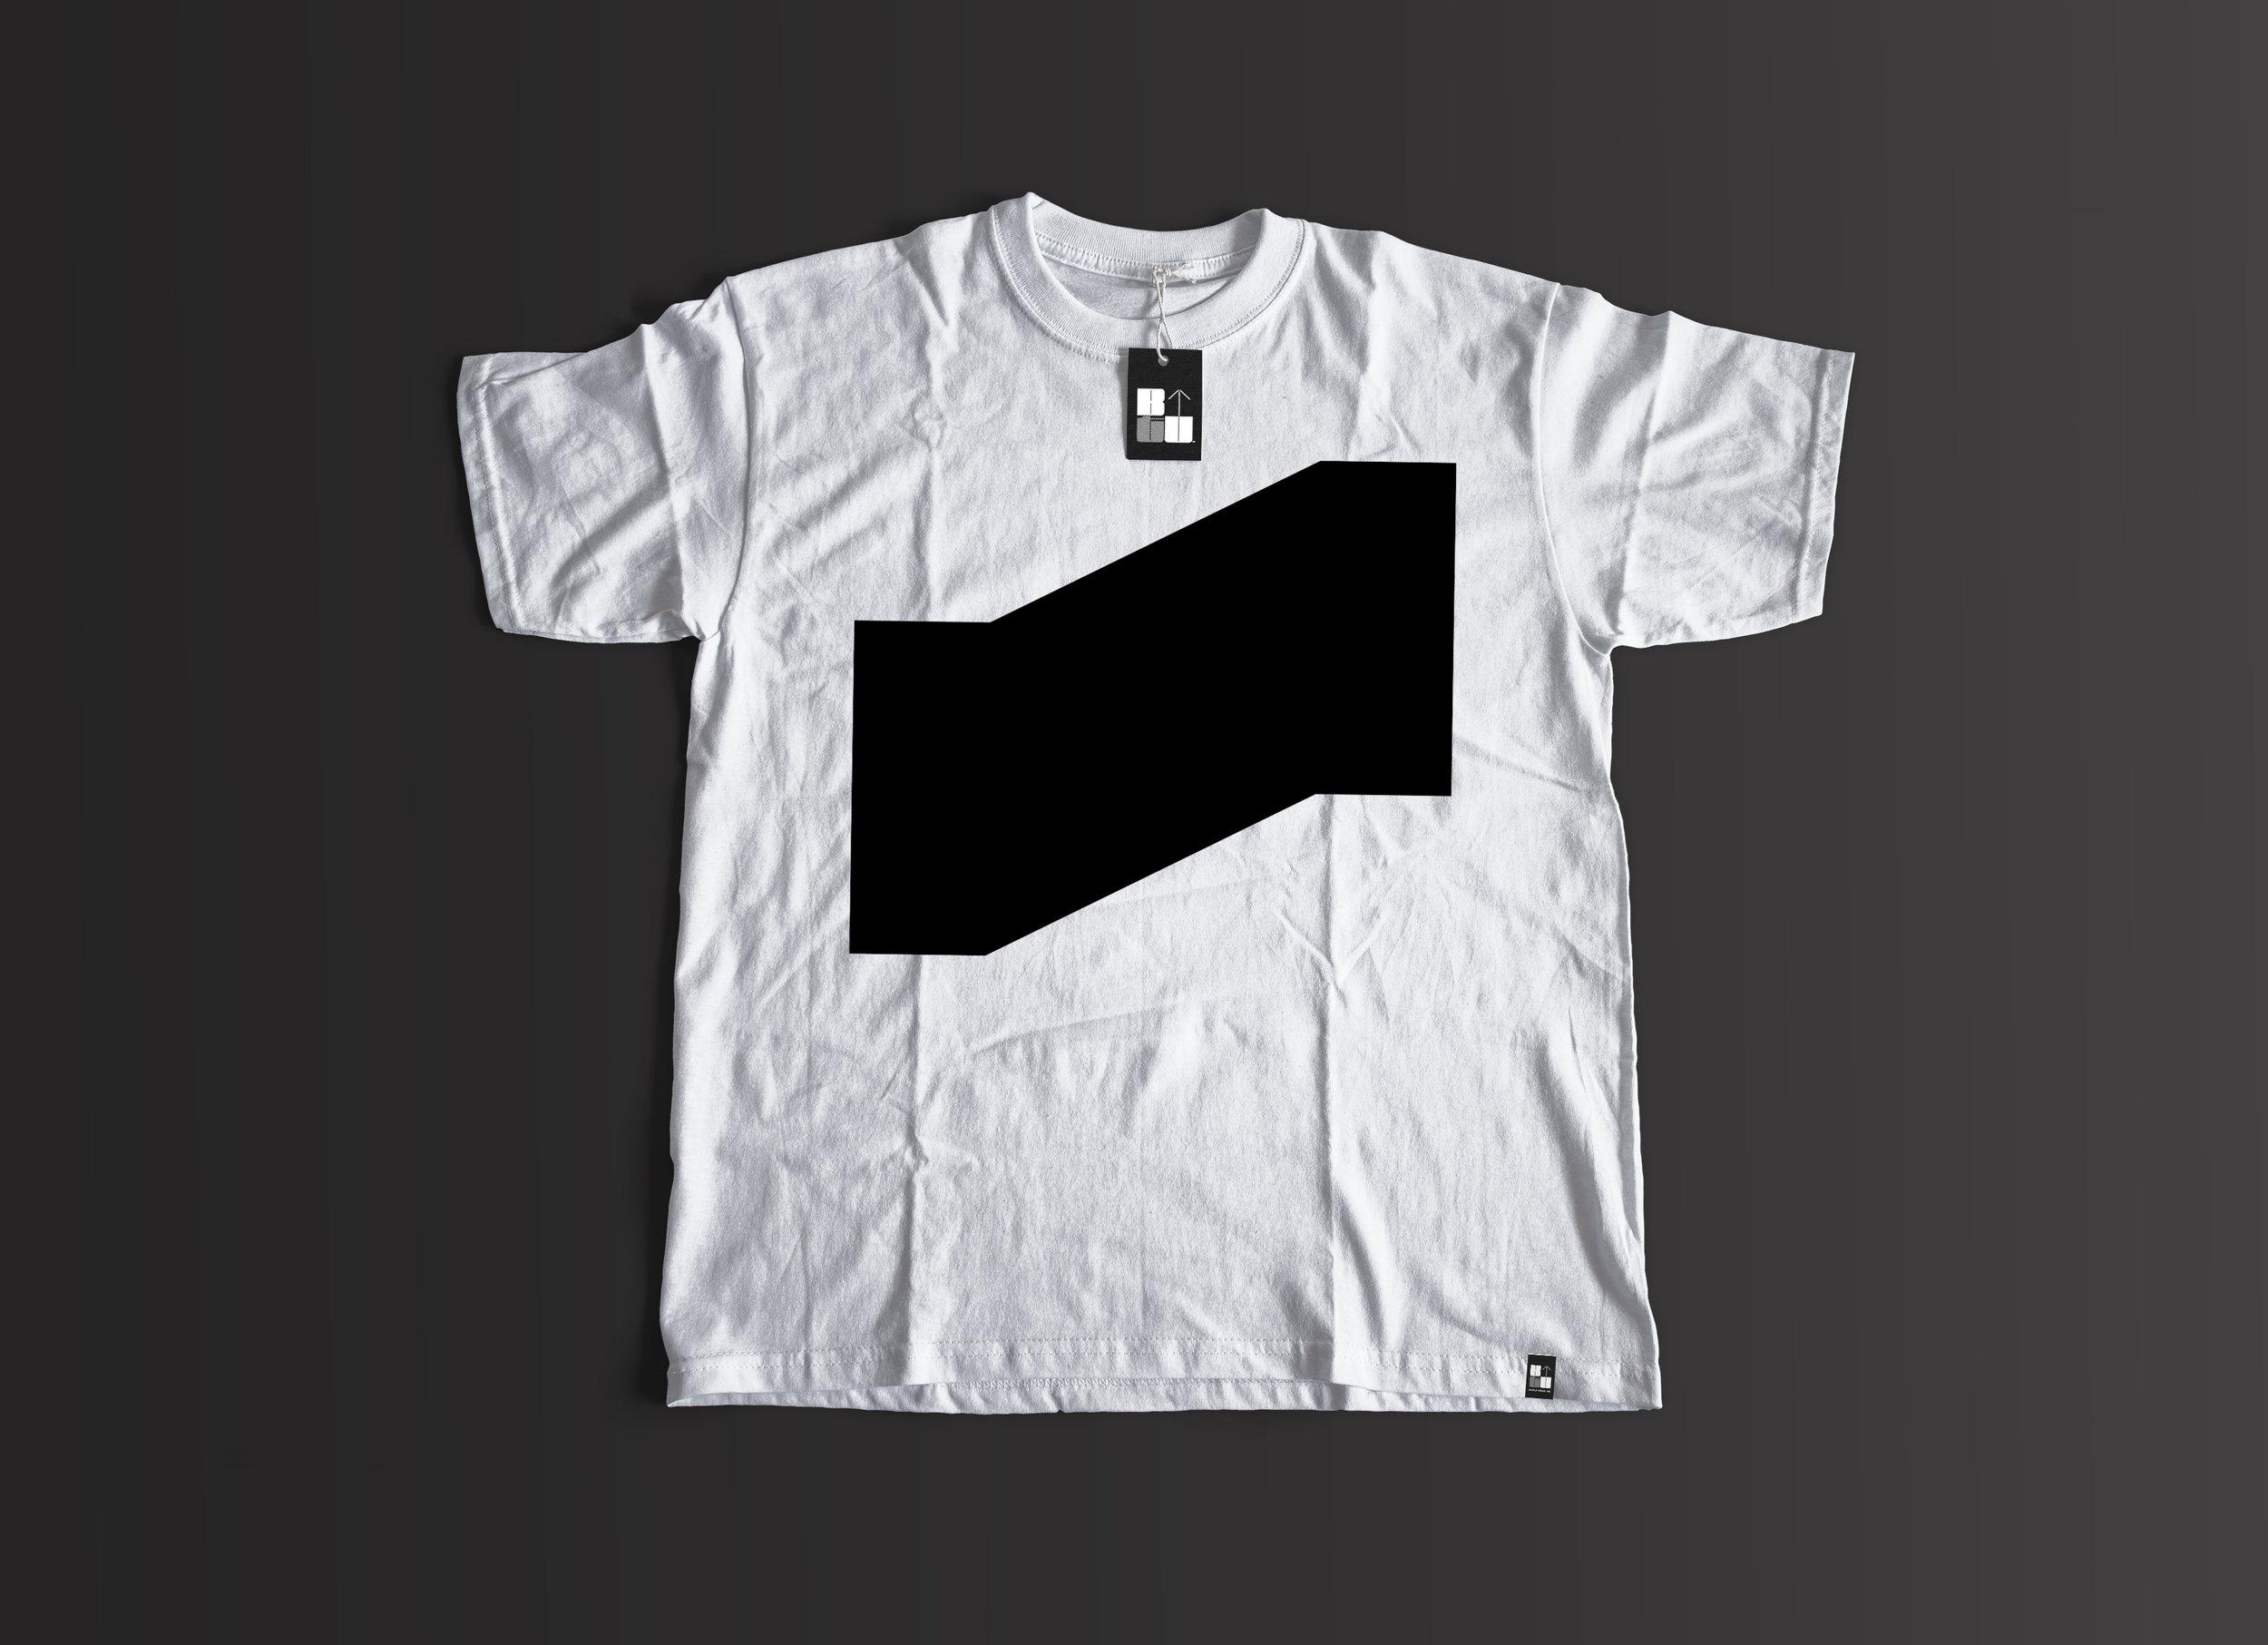 3D_britten_shirt+tag_1_3514w.jpg